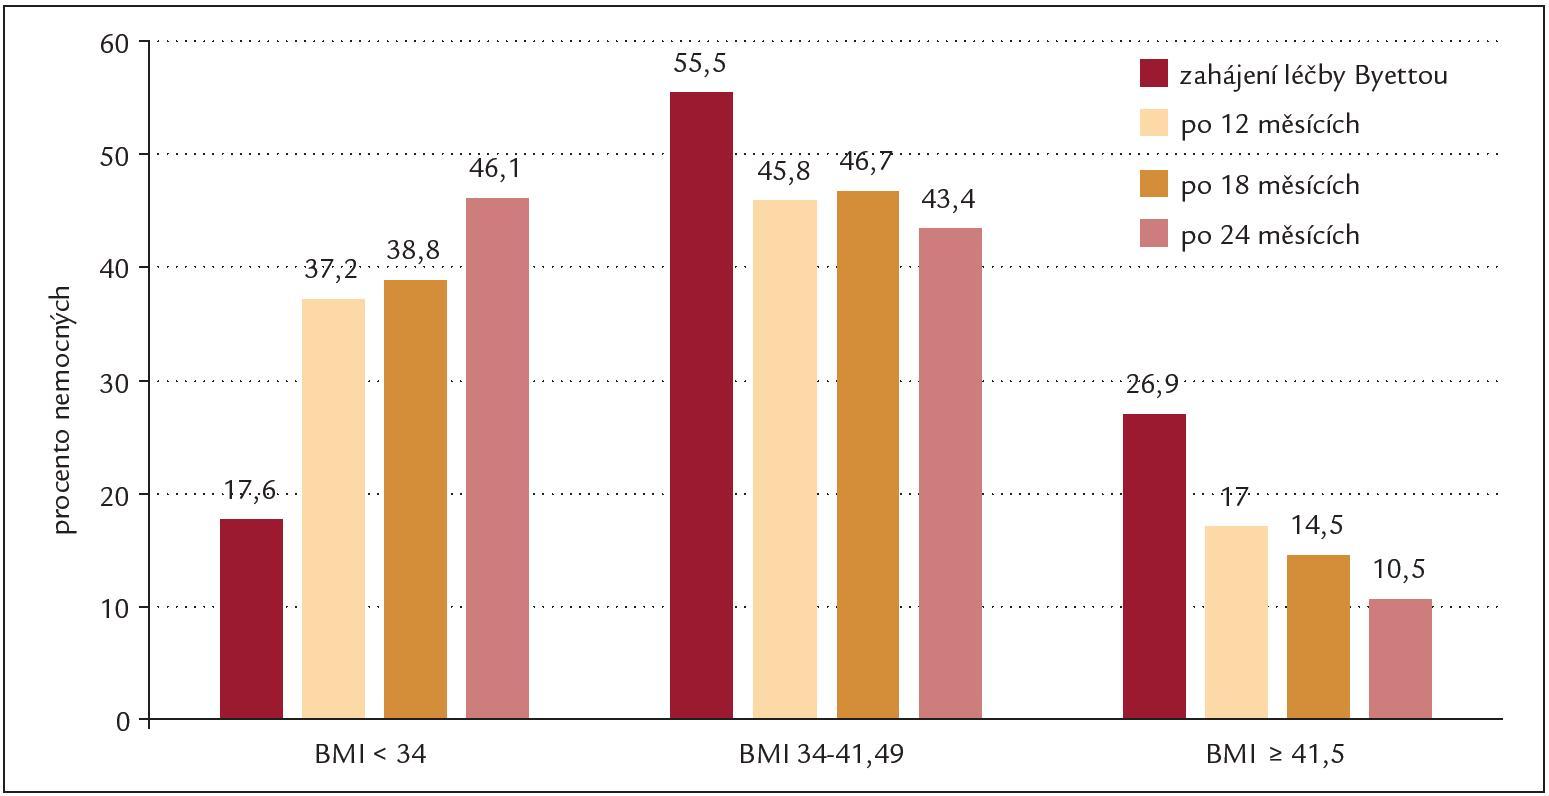 Procentuální zastoupení nemocných ve 3 kategoriích podle BMI.